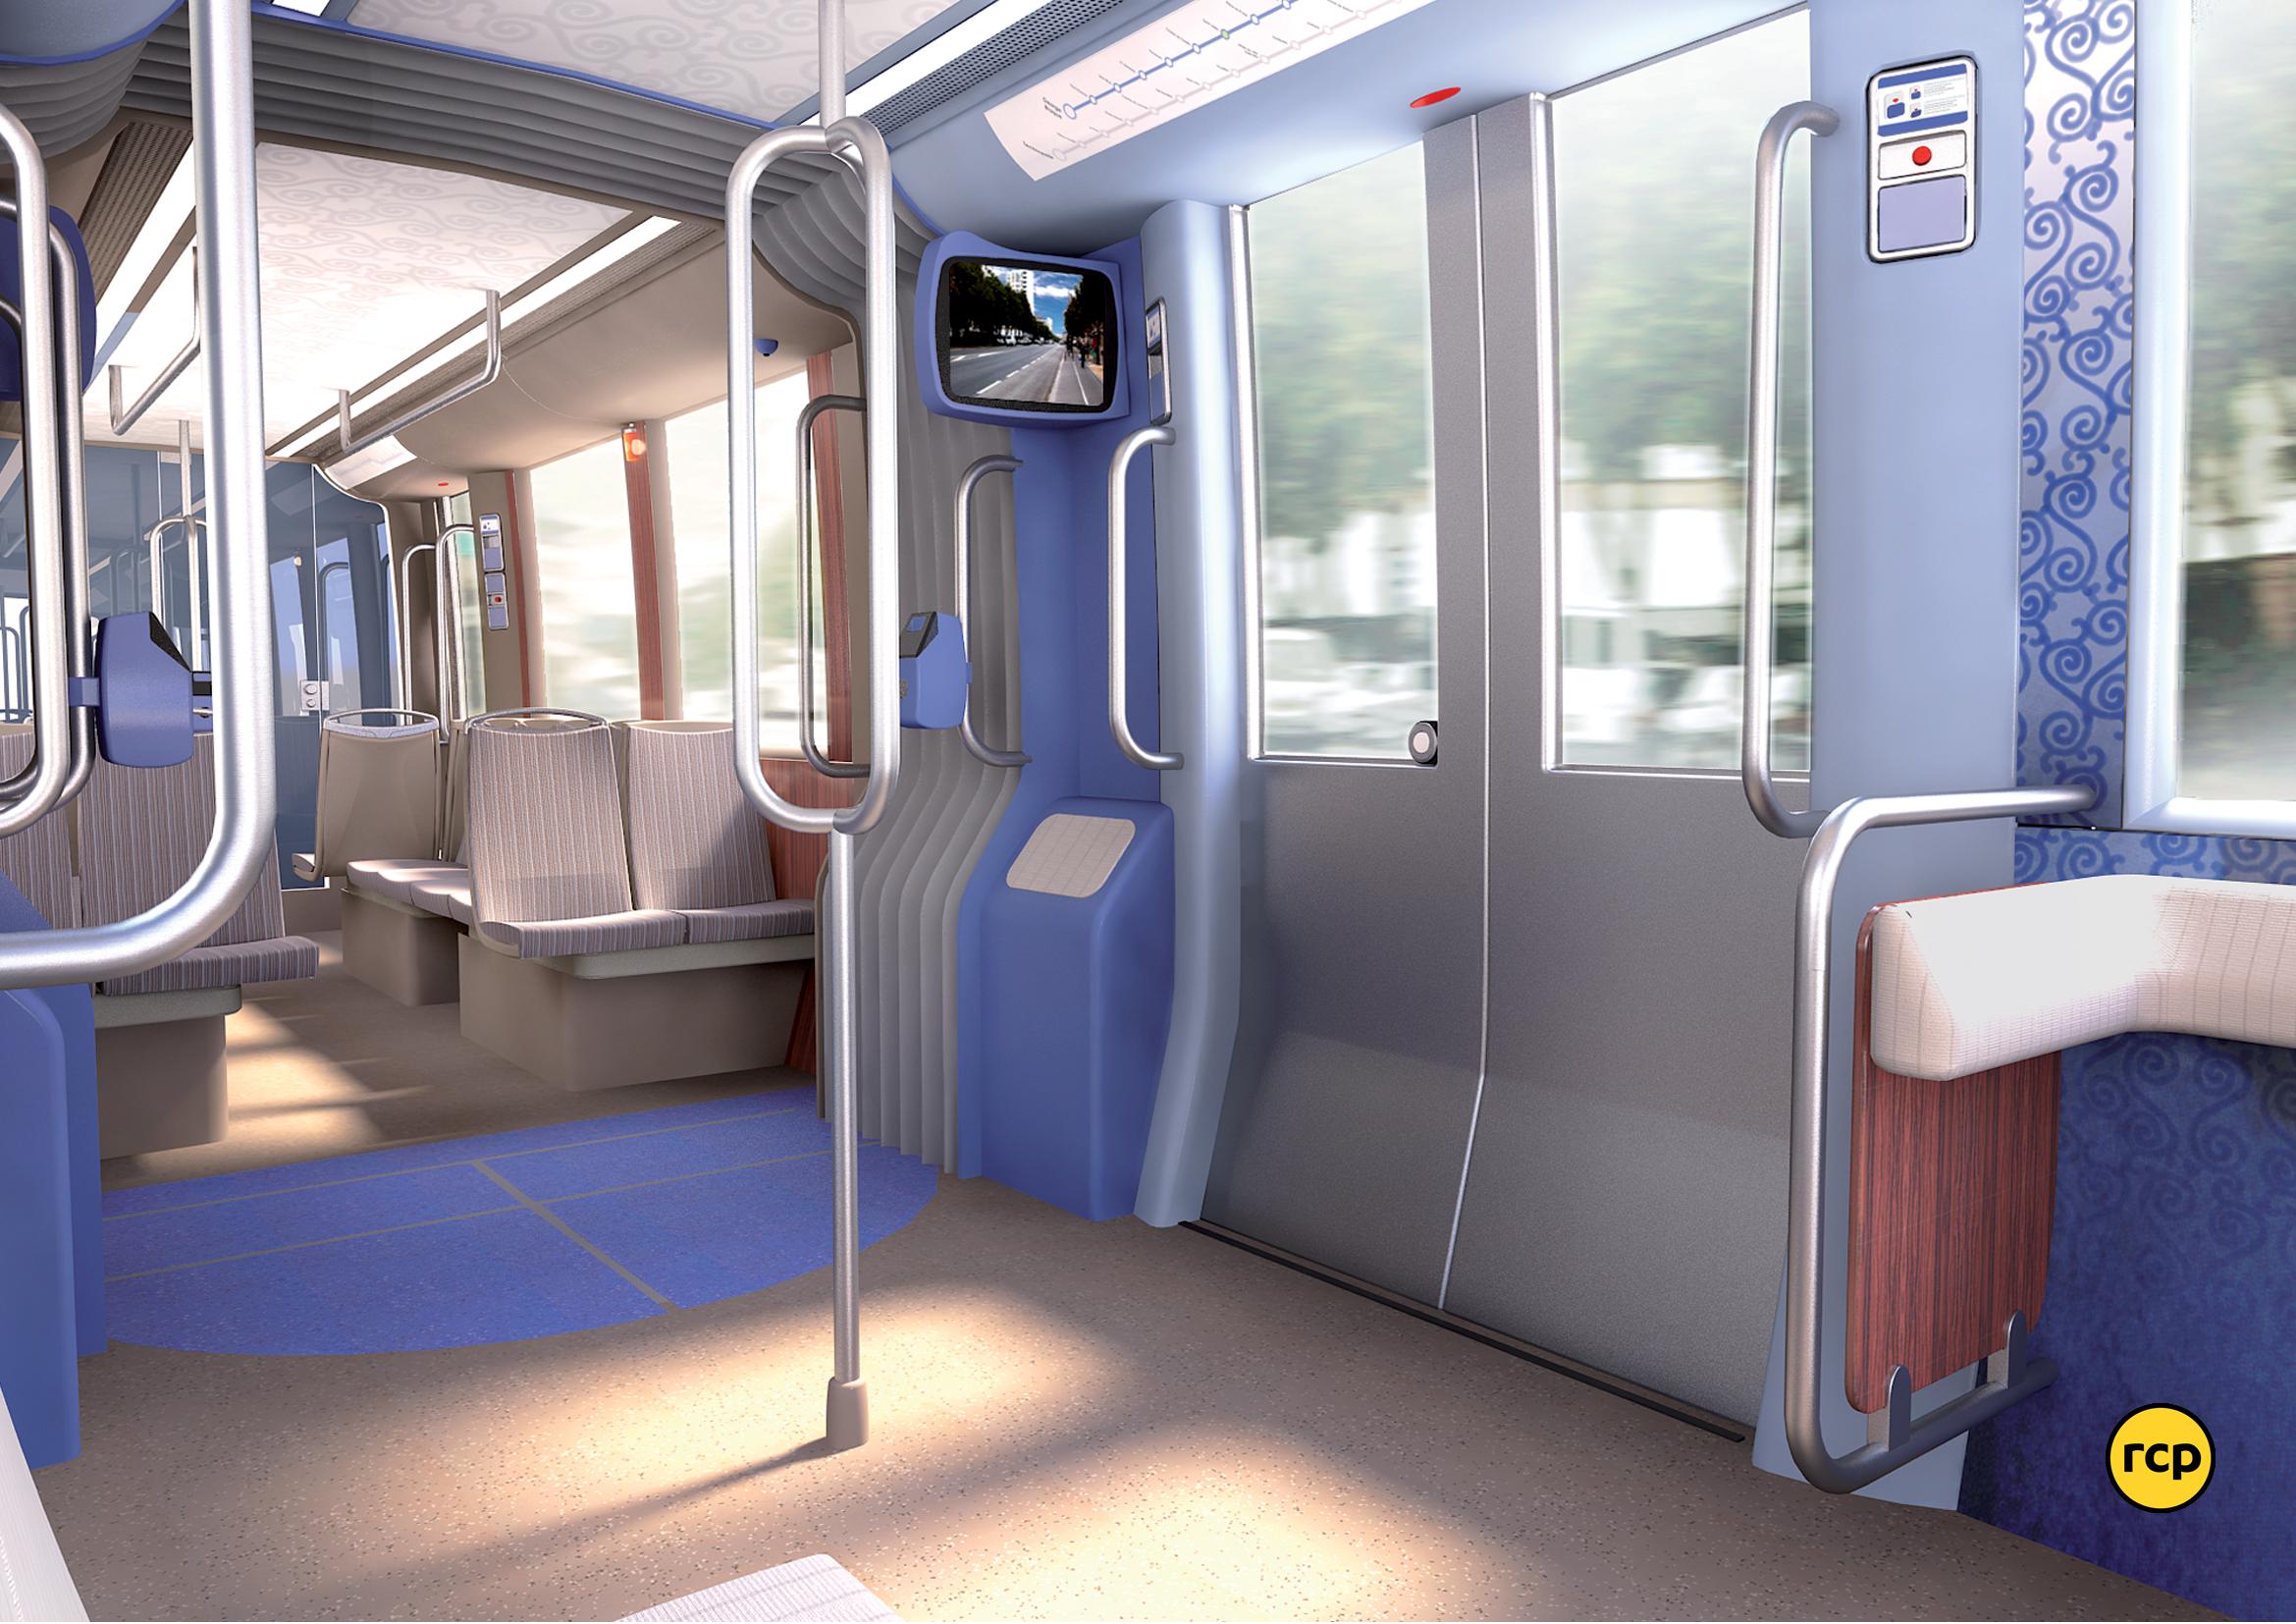 présentation du projet de design du métro de Rouen